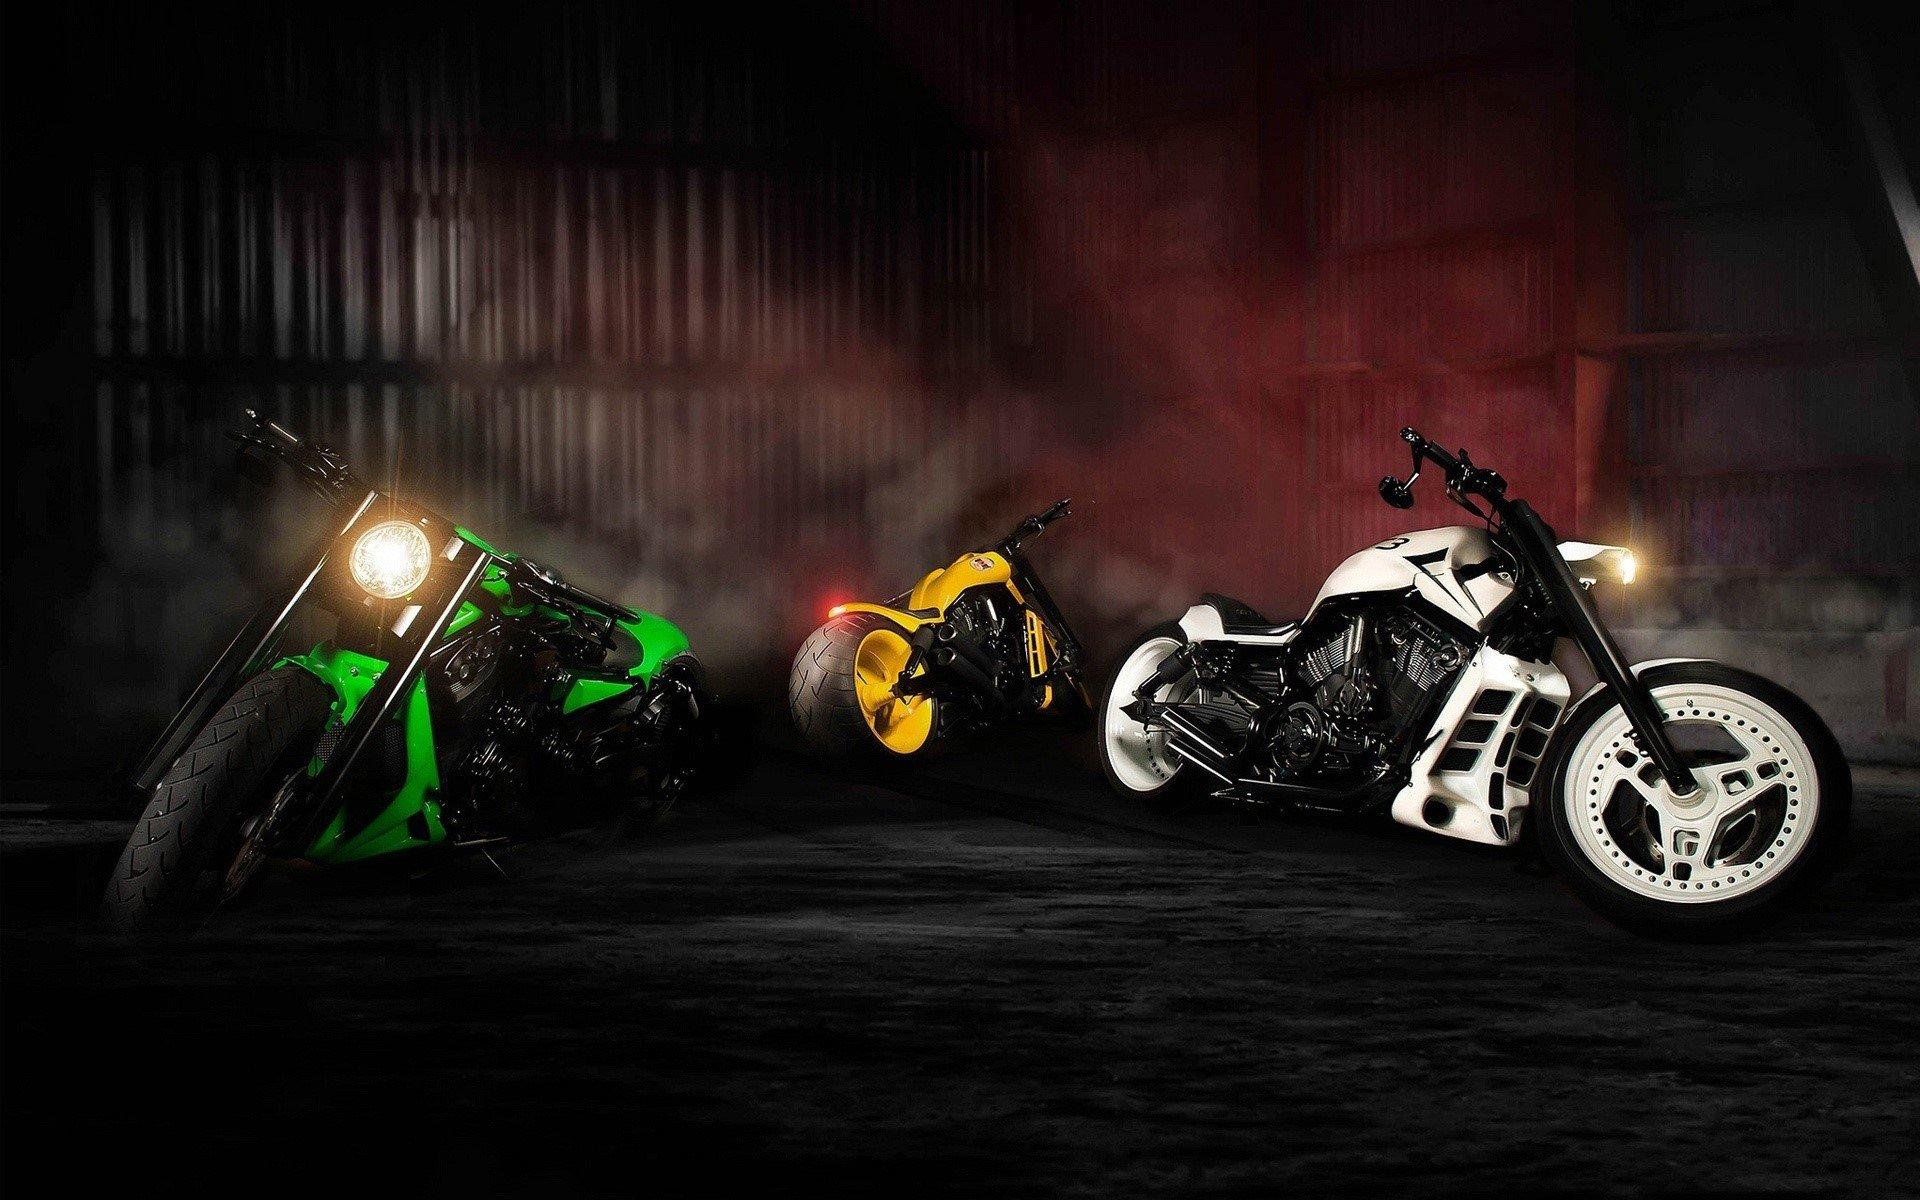 Fondos de pantalla Motocicletas NLC